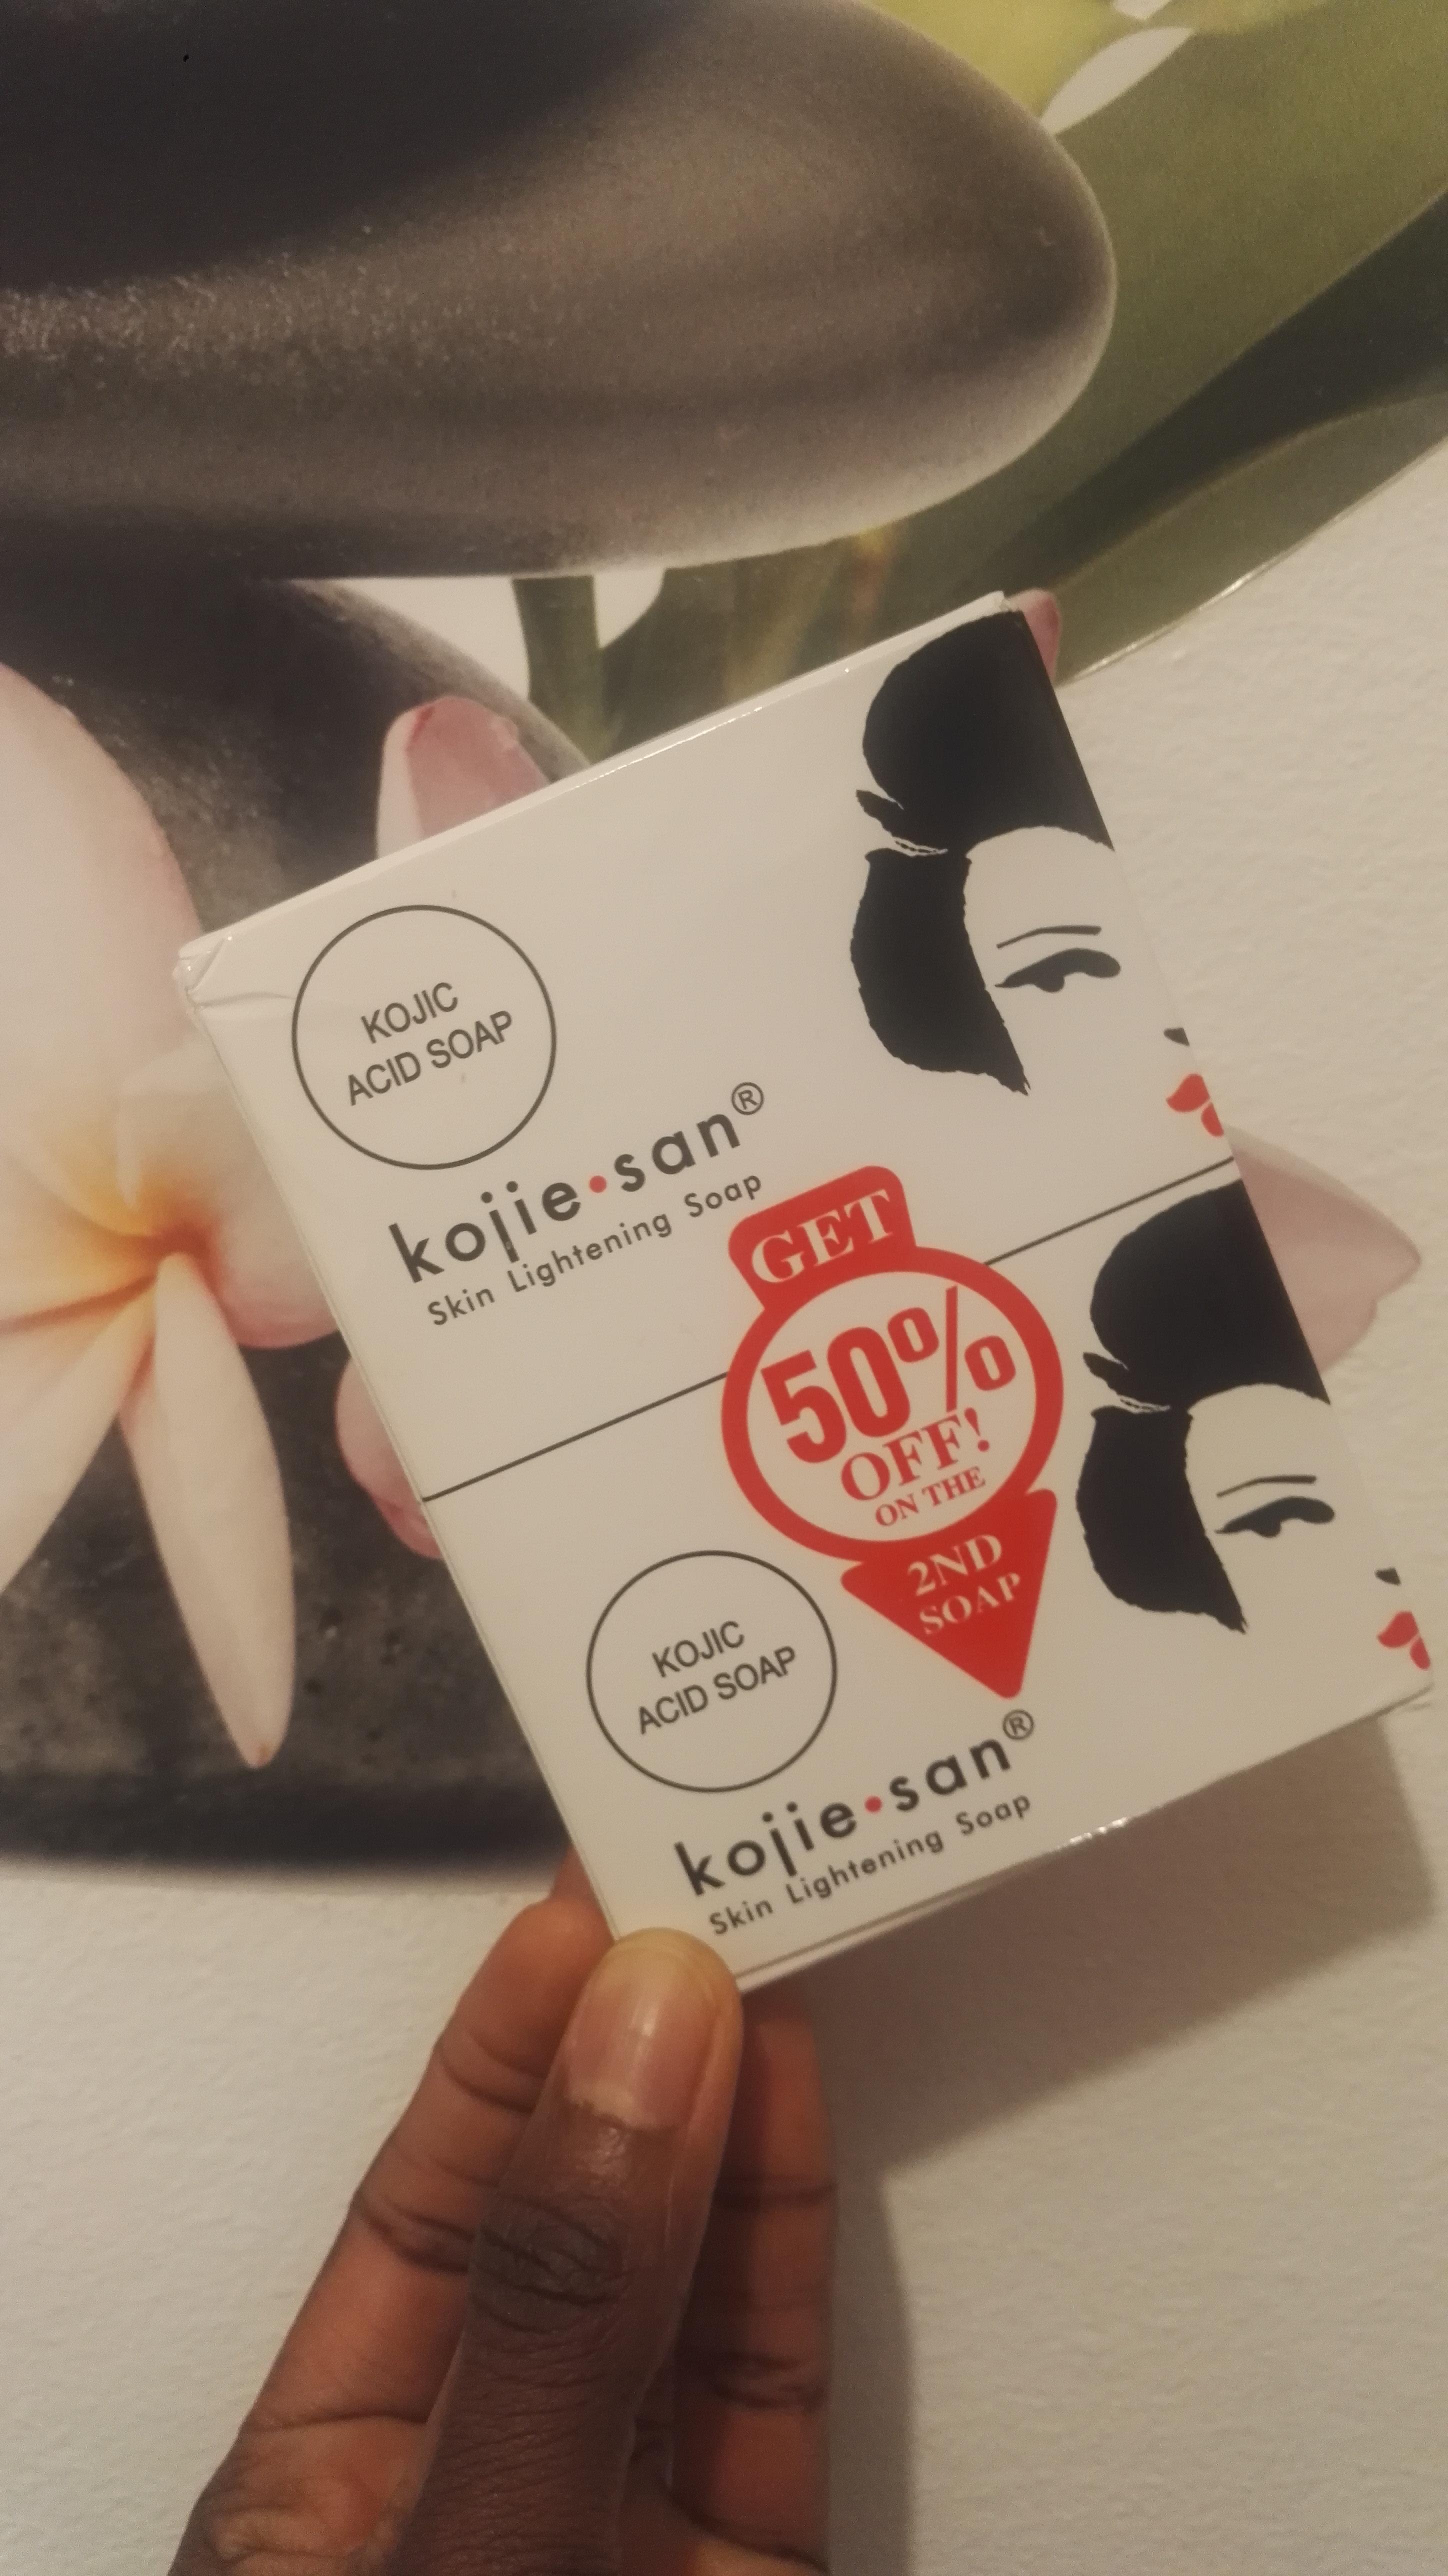 Kojie San avis sur l'utilisation du savon sur une peau noire